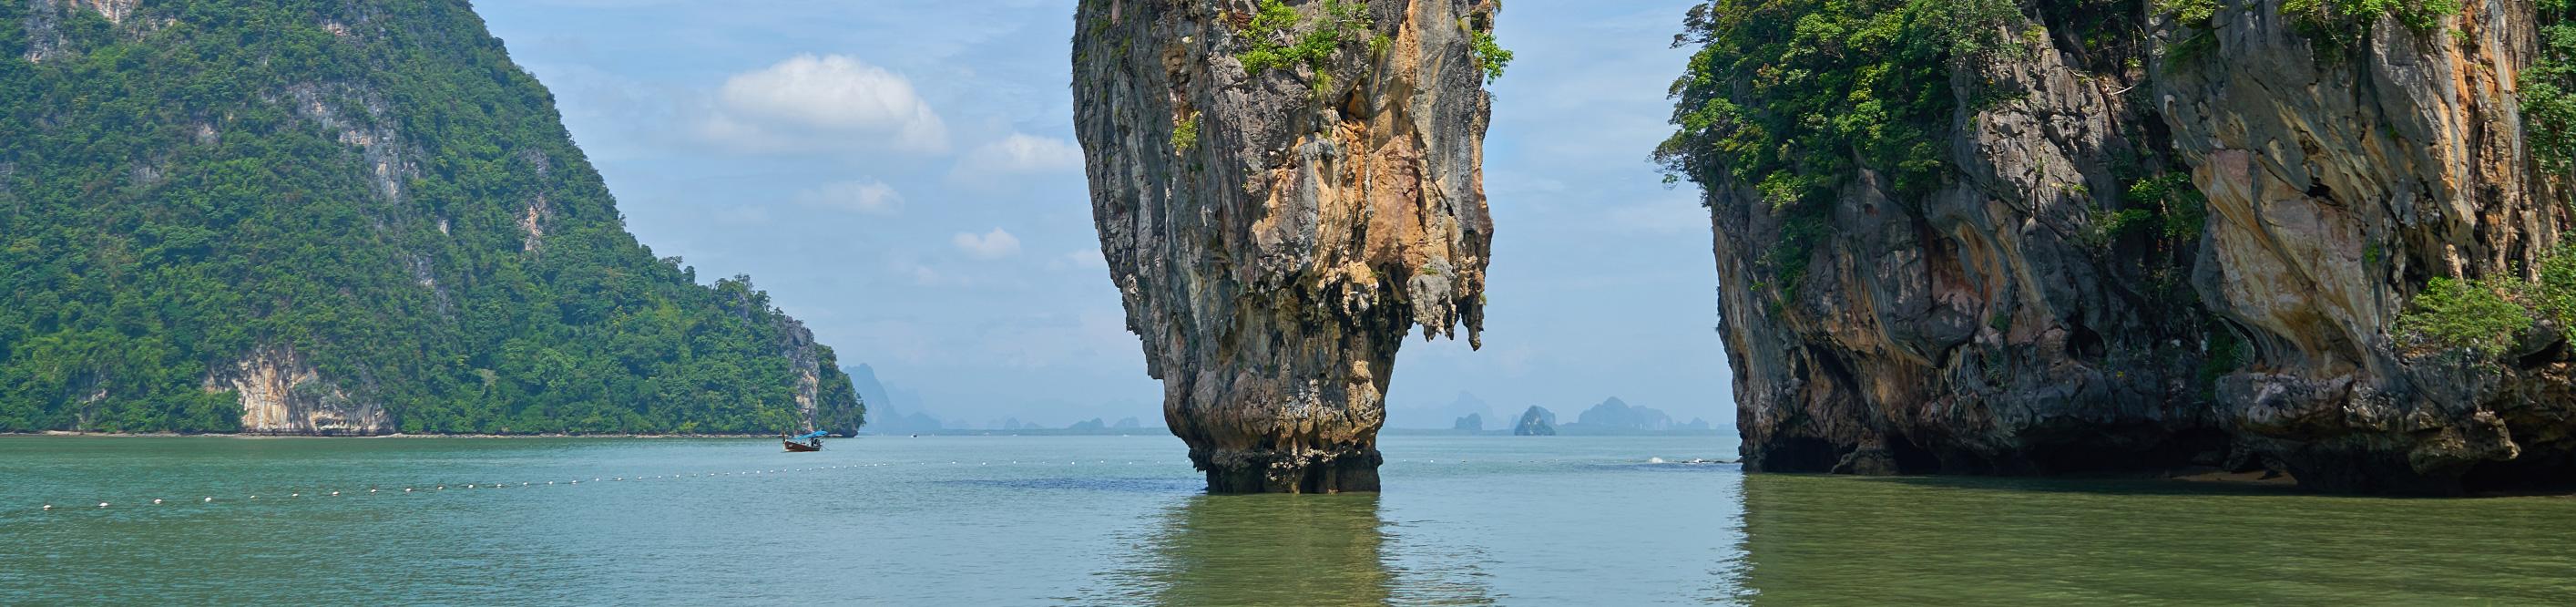 Морской круиз в Таиланде